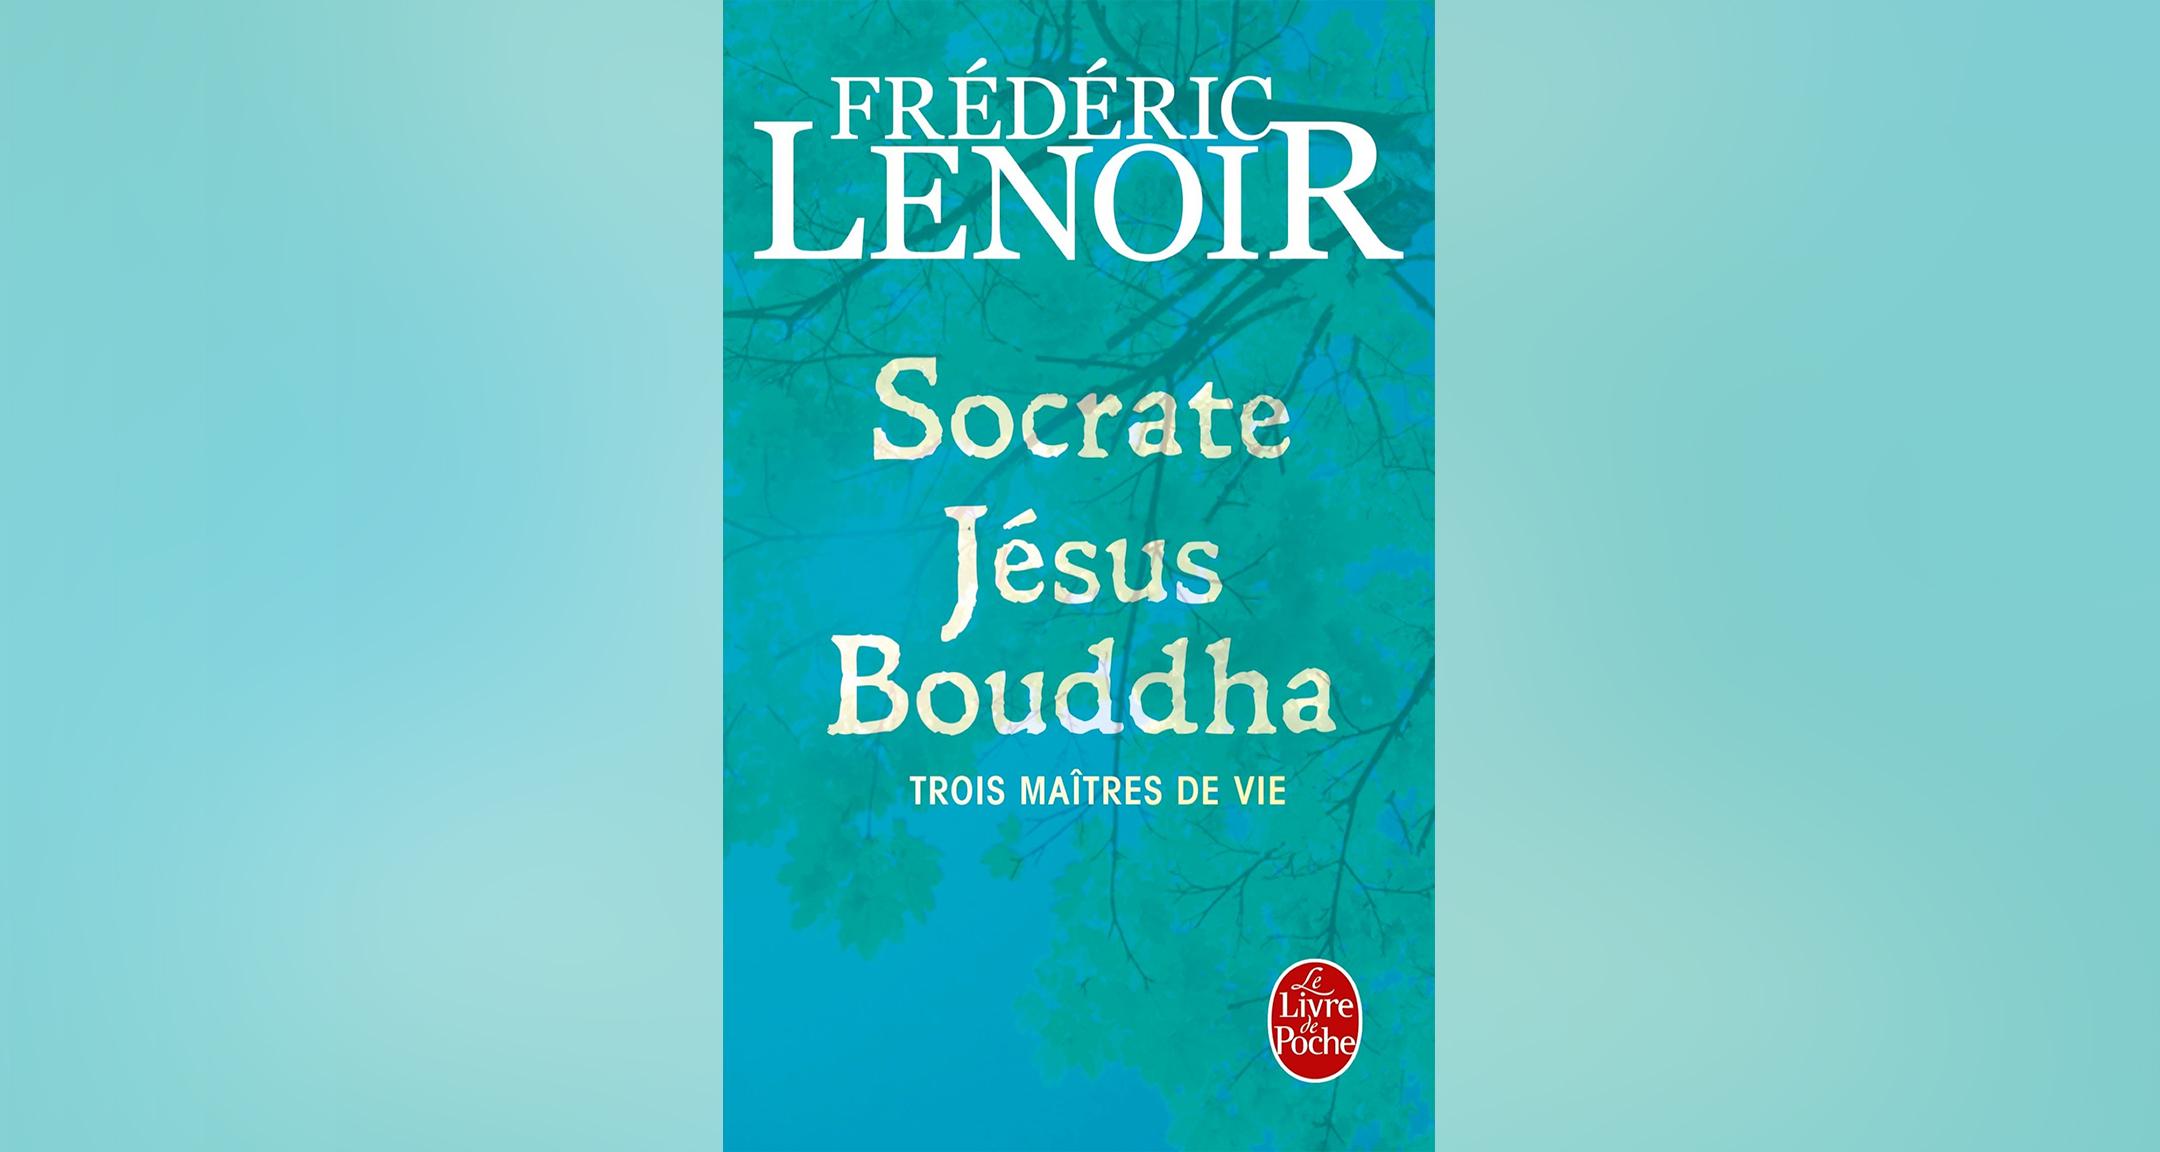 Socrate Jésus Bouddha, trois maîtres de vie, Frédéric Lenoir